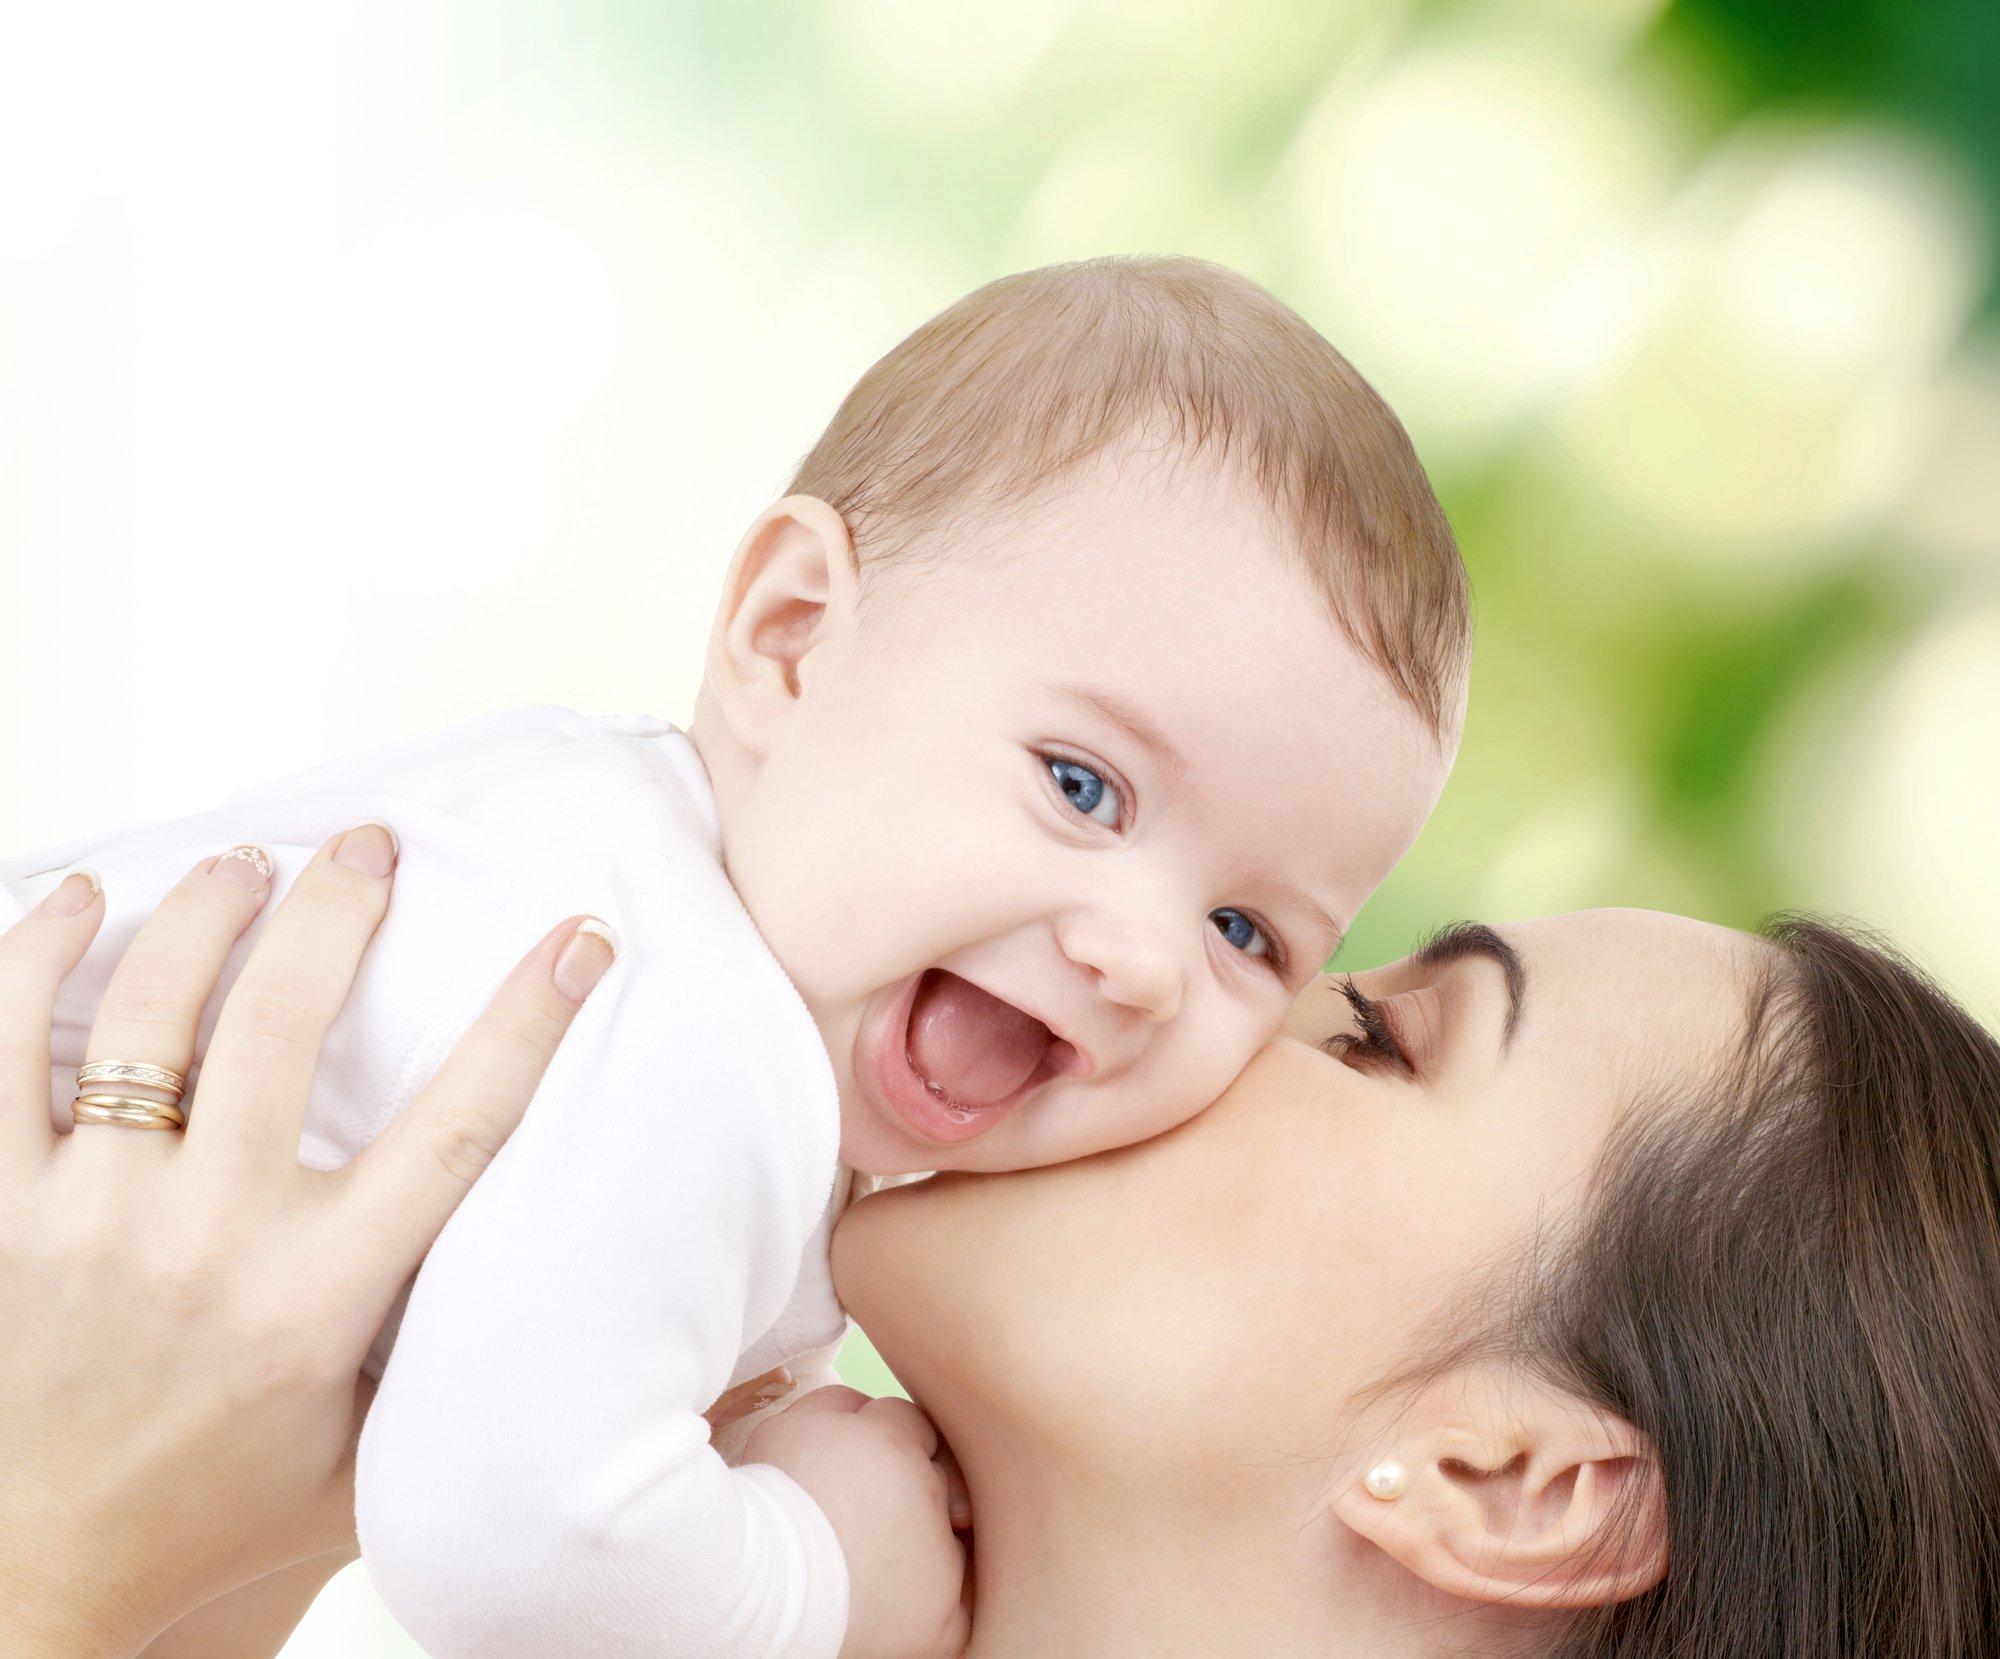 depositphotos 65370609 l 2015 - Cette maman est terrifiée pour son bébé malade, regardez ce que l'infirmier va faire